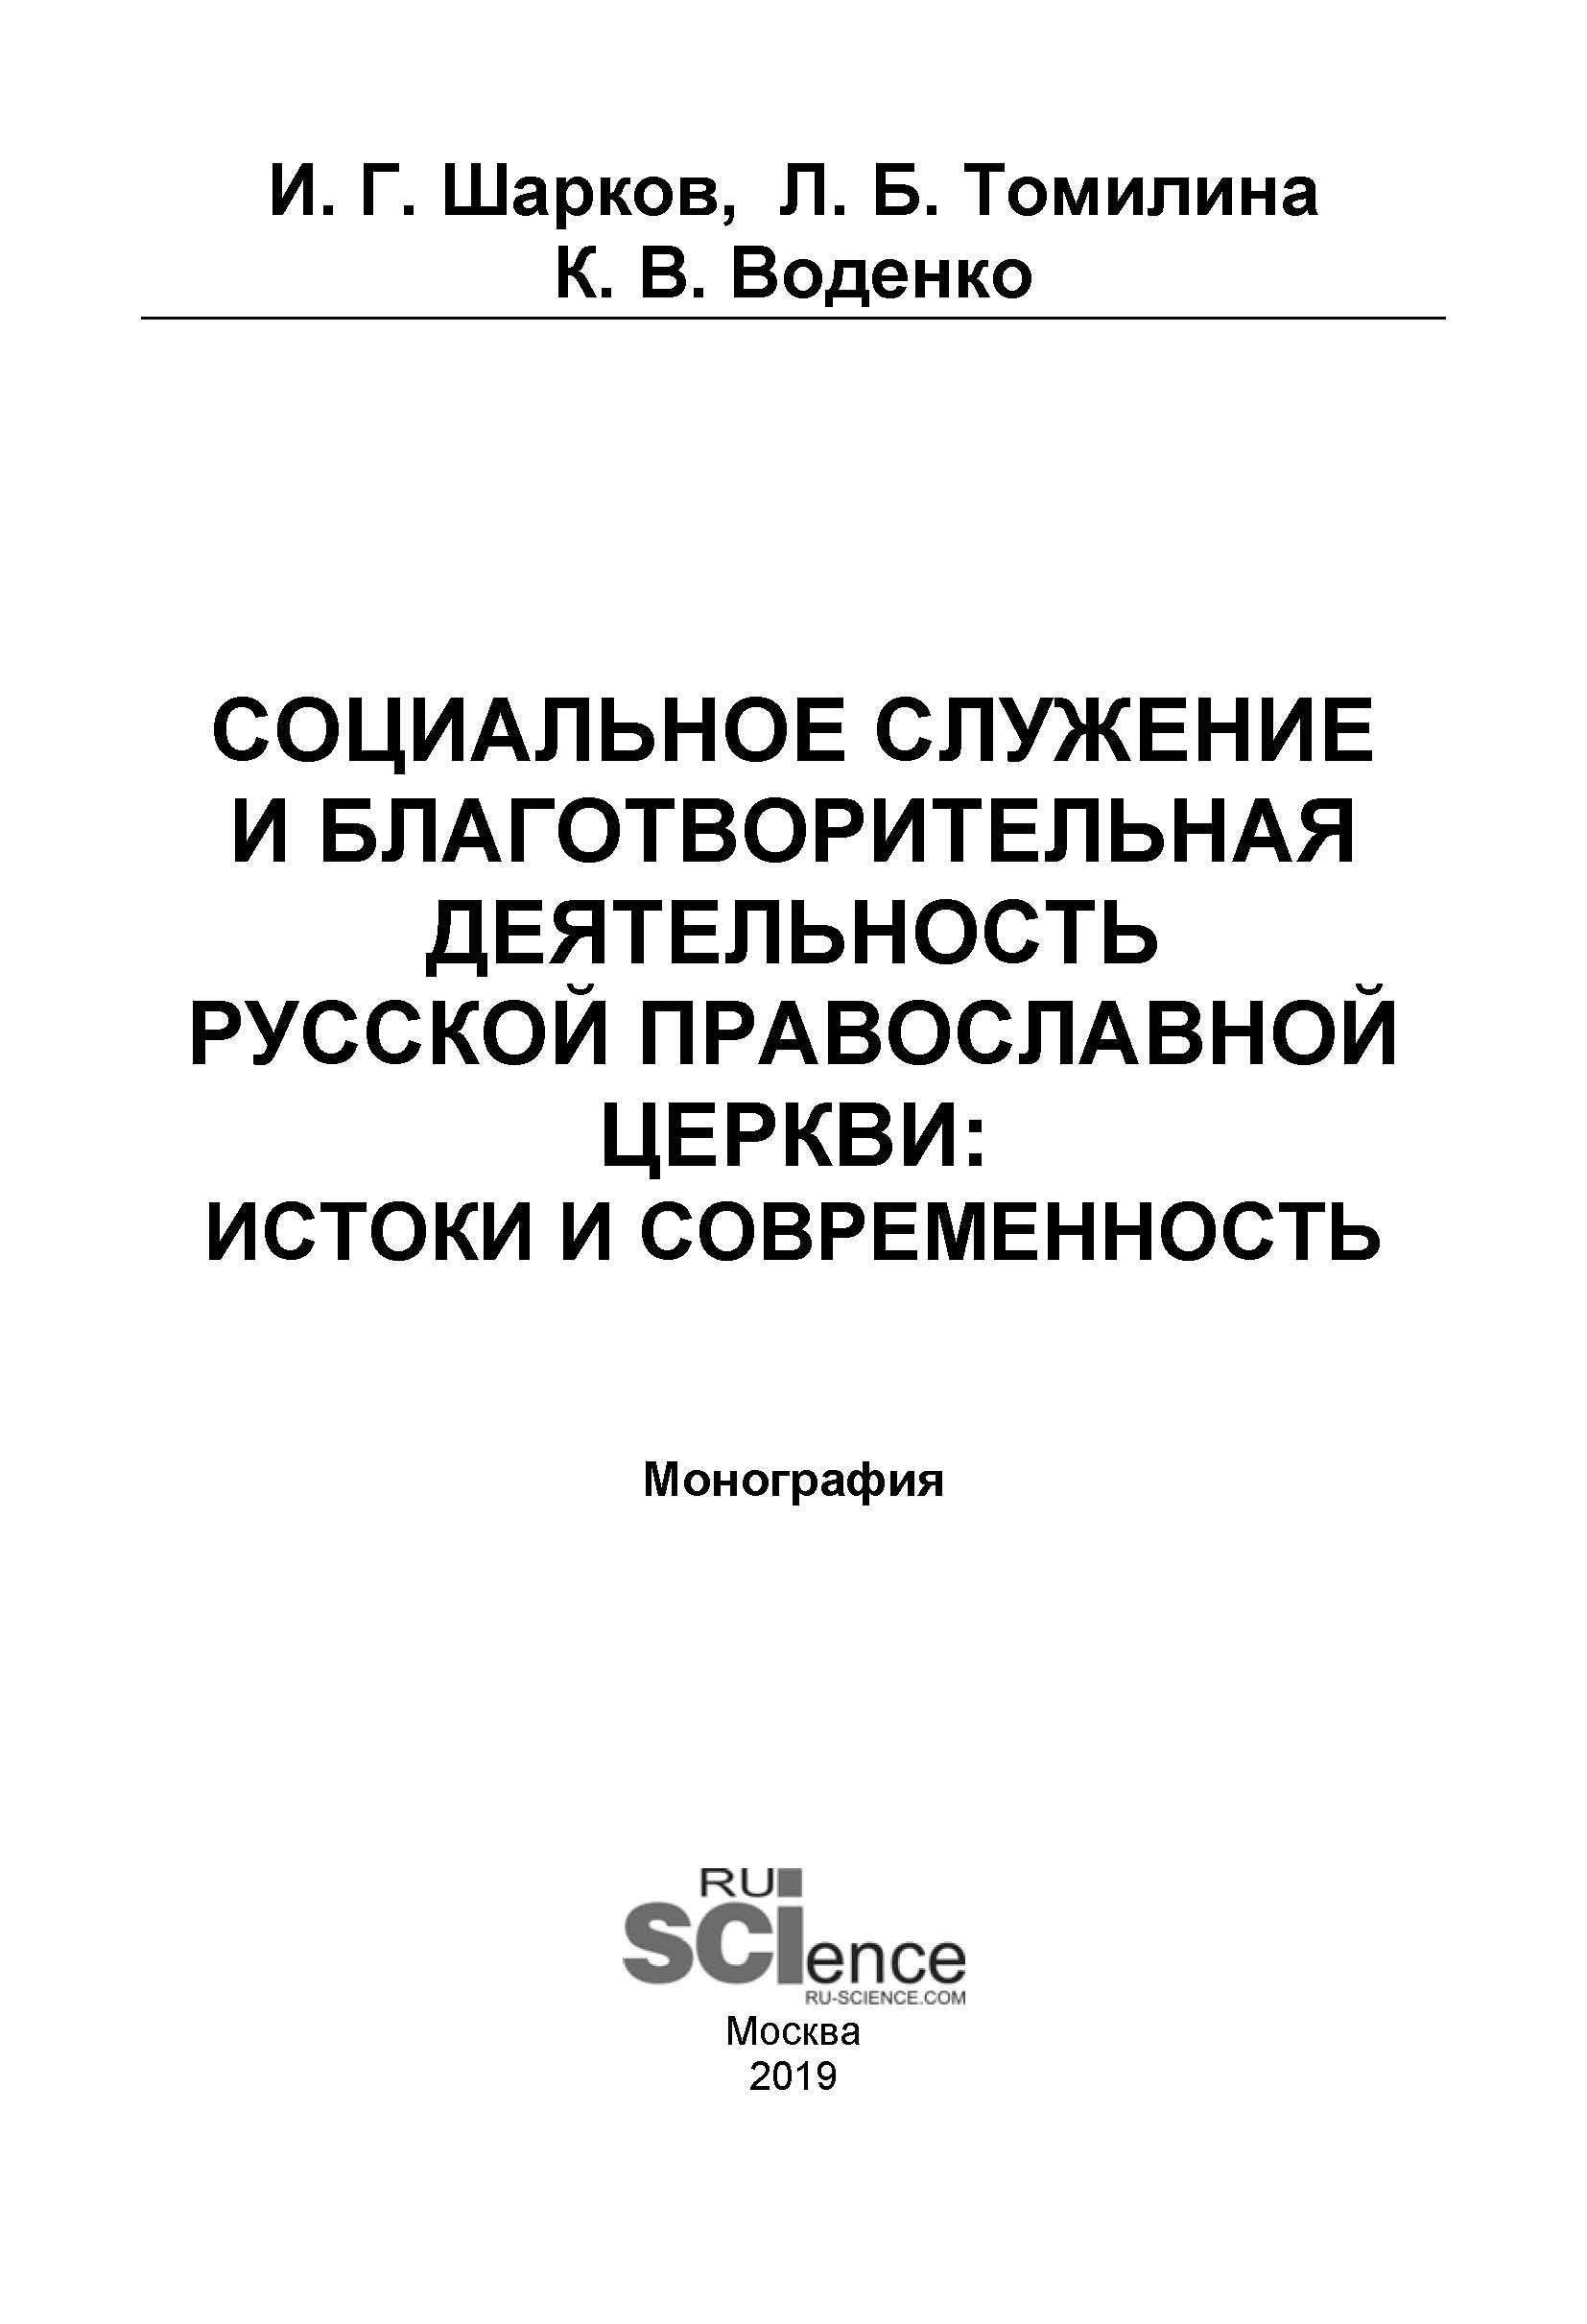 Социальное служение и благотворительная деятельность Русской Православной Церкви: истоки и современность